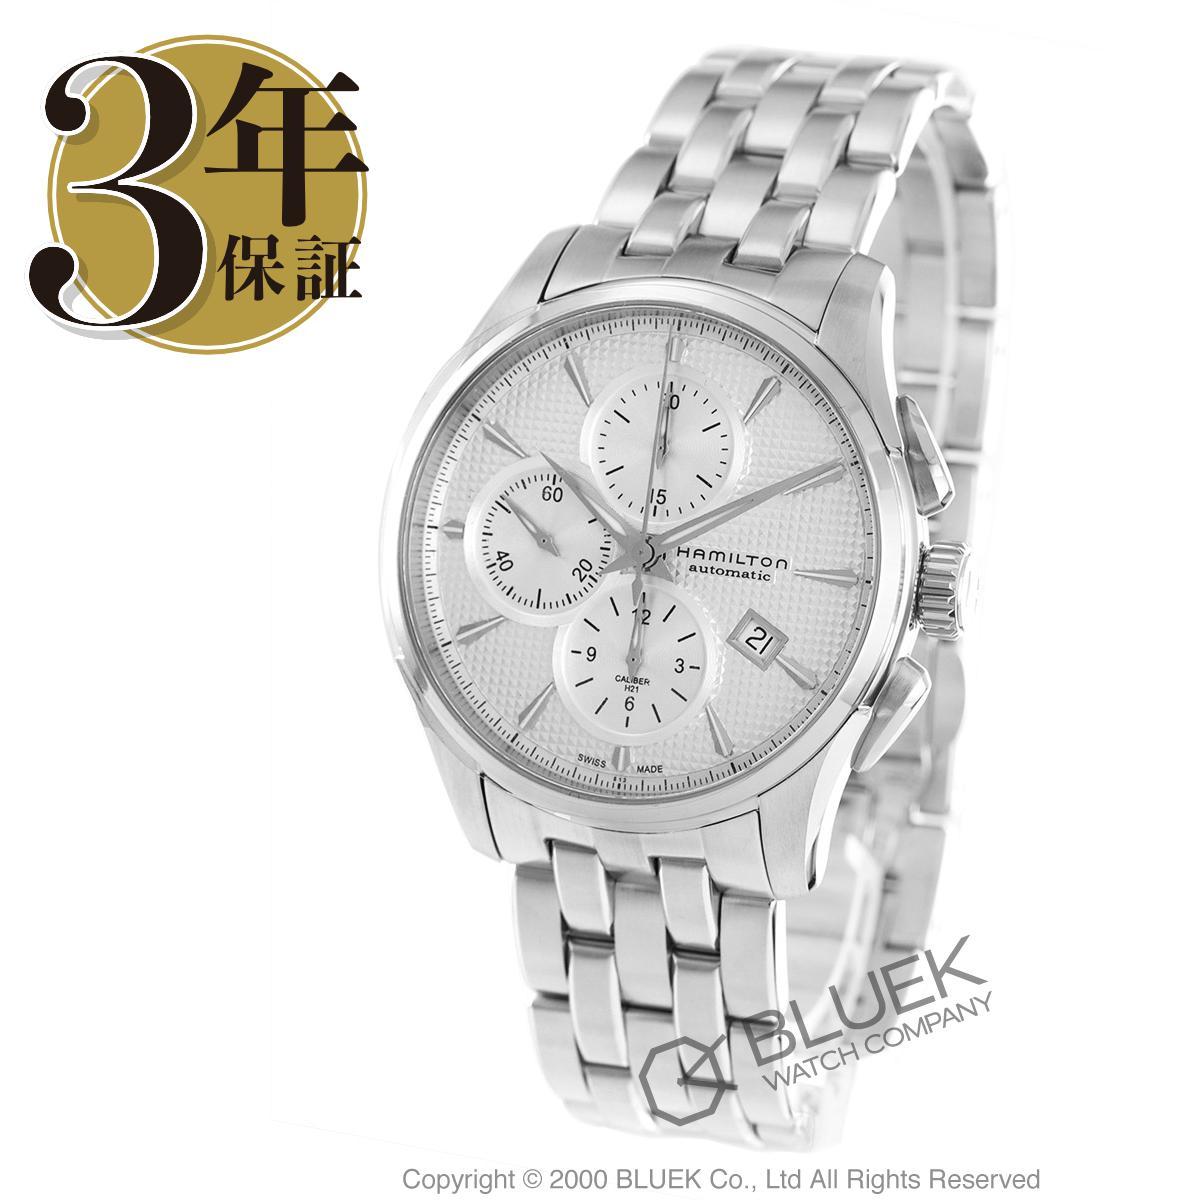 ハミルトン ジャズマスター オート クロノ クロノグラフ 腕時計 メンズ HAMILTON H32596151_8